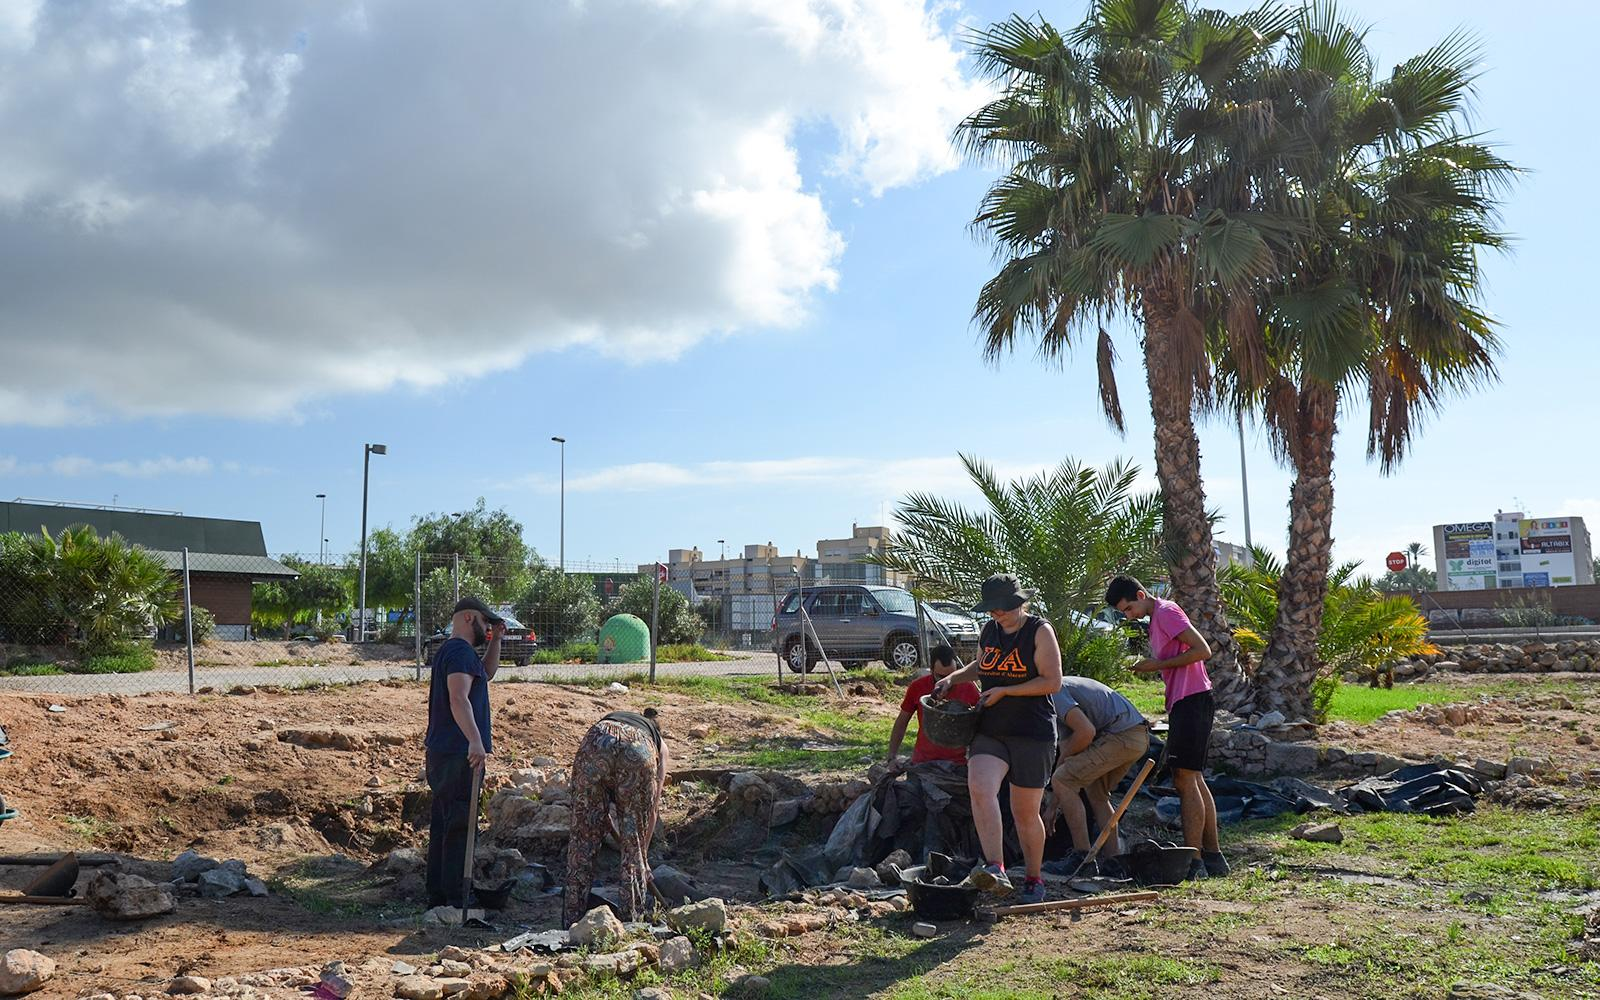 El 6 de noviembre se pasará el georradar por el Portus Ilicitanus, en el área arqueológica de La Picola y zonas aledañas